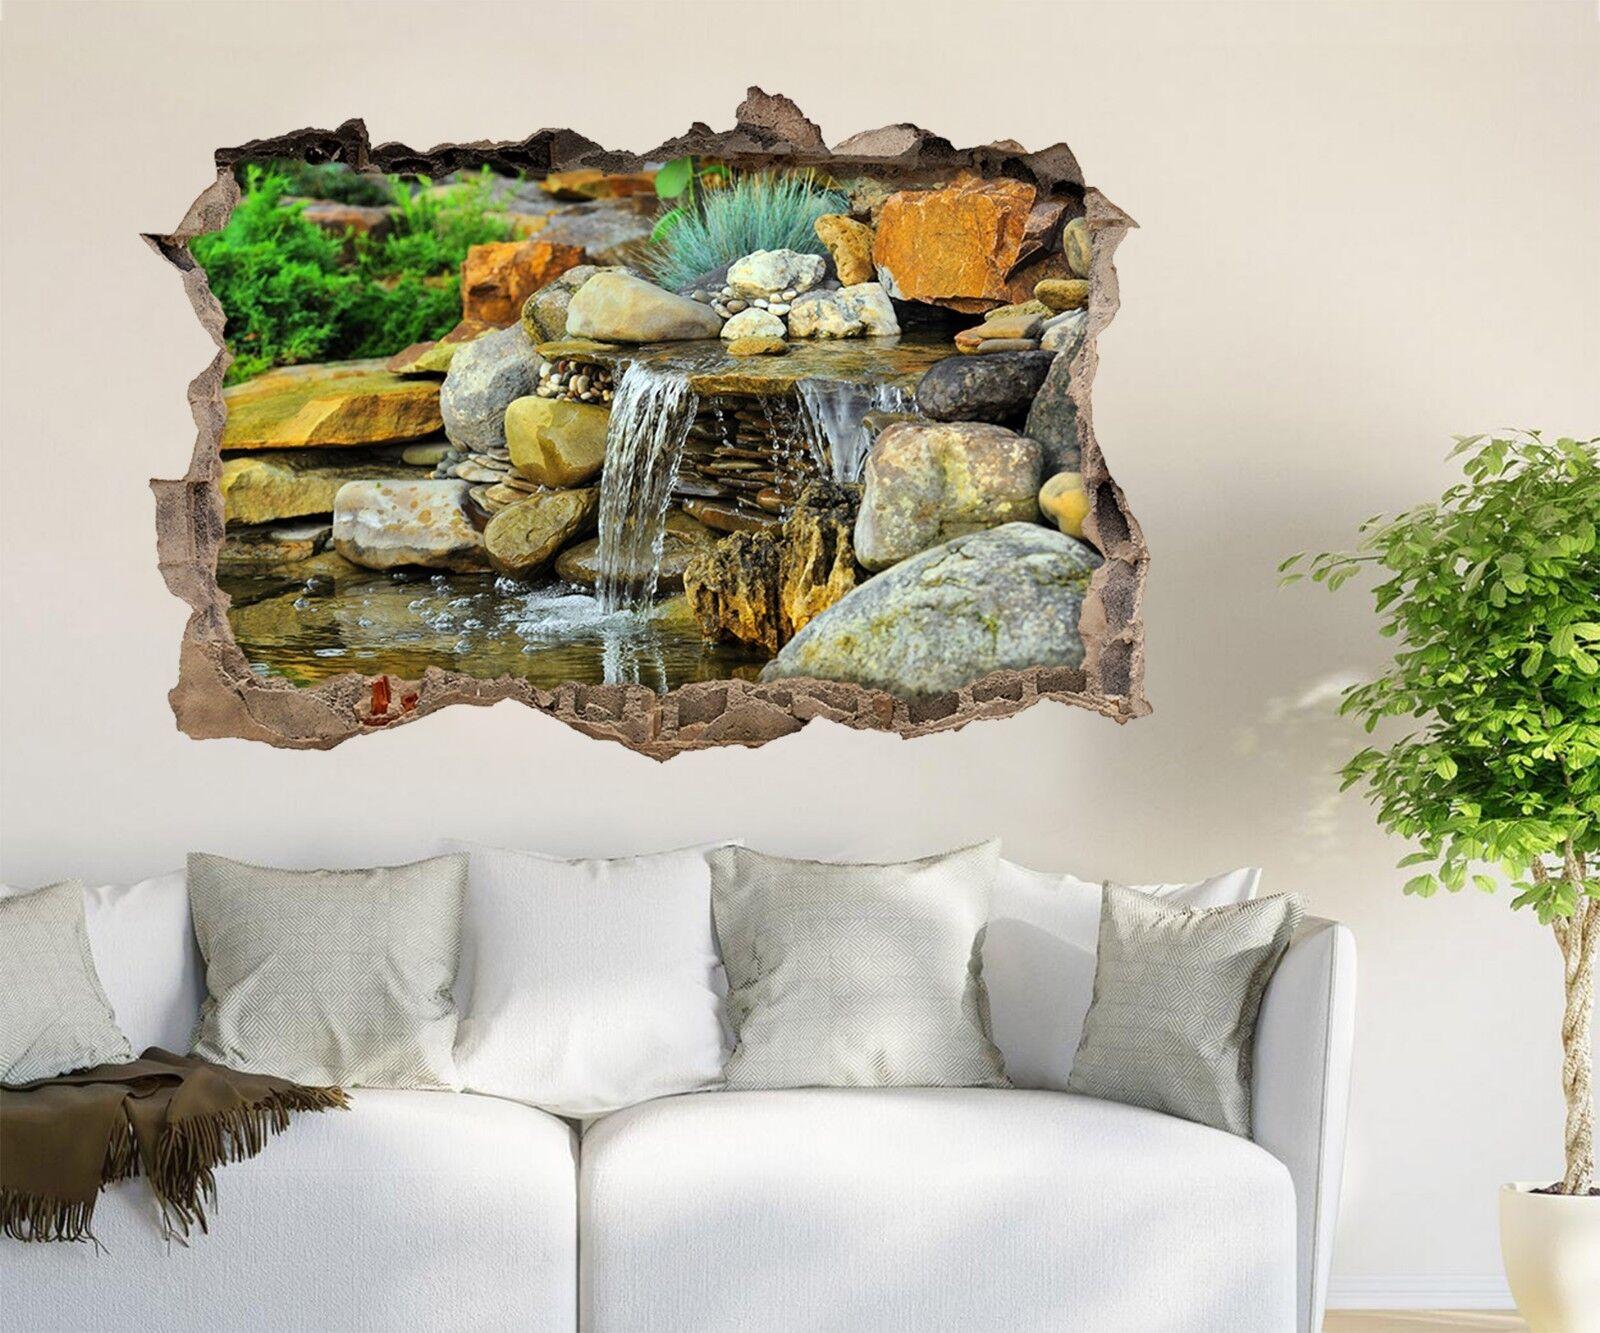 3D Steiniger Bach 2 Mauer Murals Mauer Aufklebe Decal Durchbruch AJ WALLPAPER DE